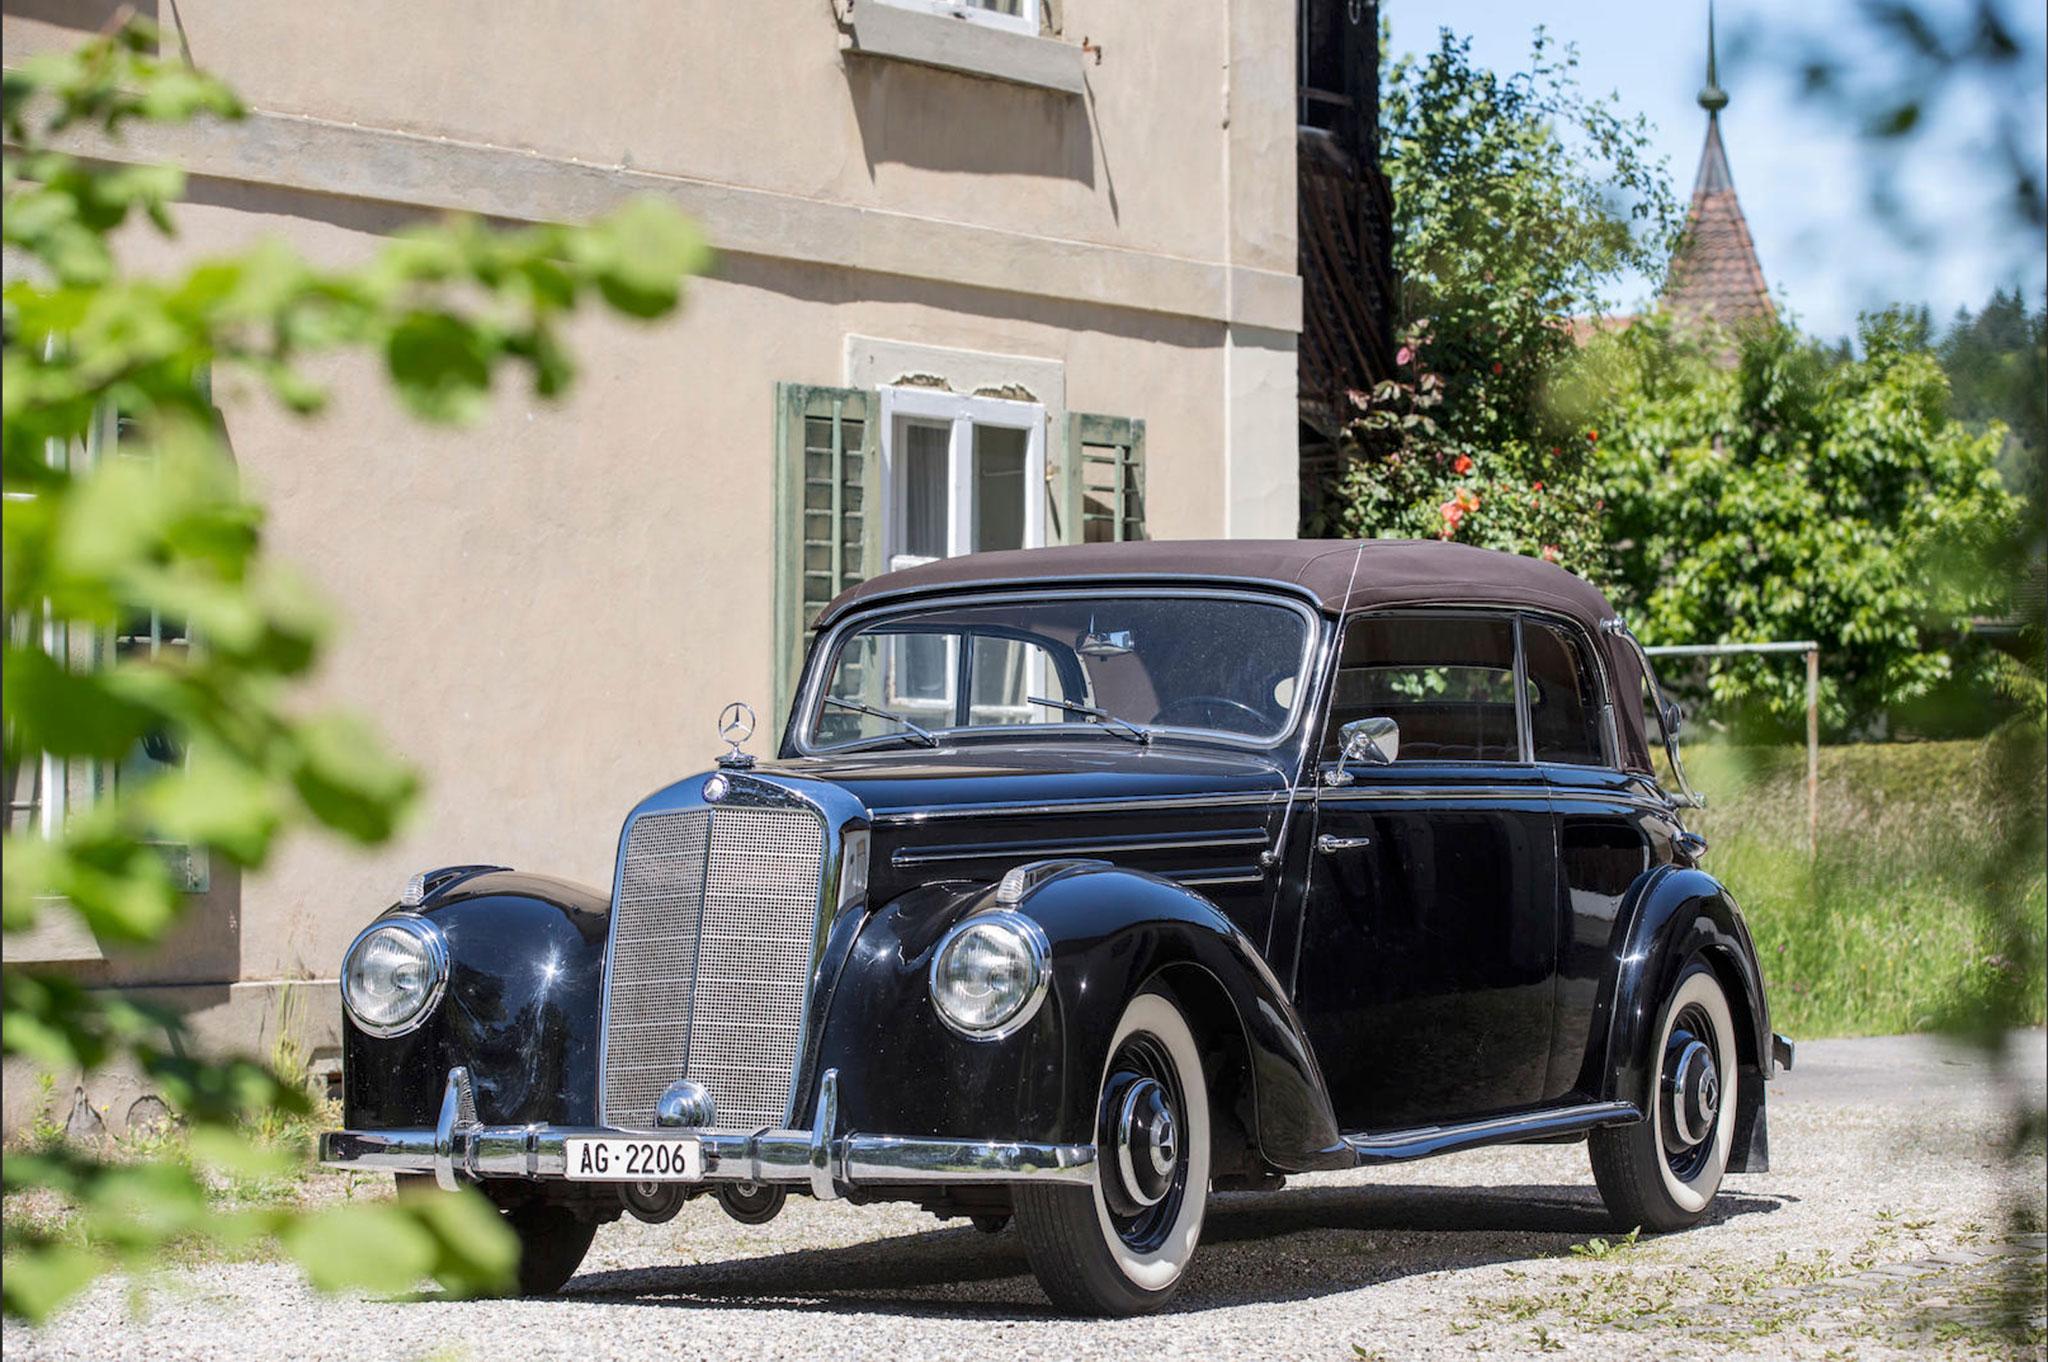 1952 Mercedes-Benz 220 Cabriolet B CHF 80 000 - 120 000 - Classique vs Supercar.